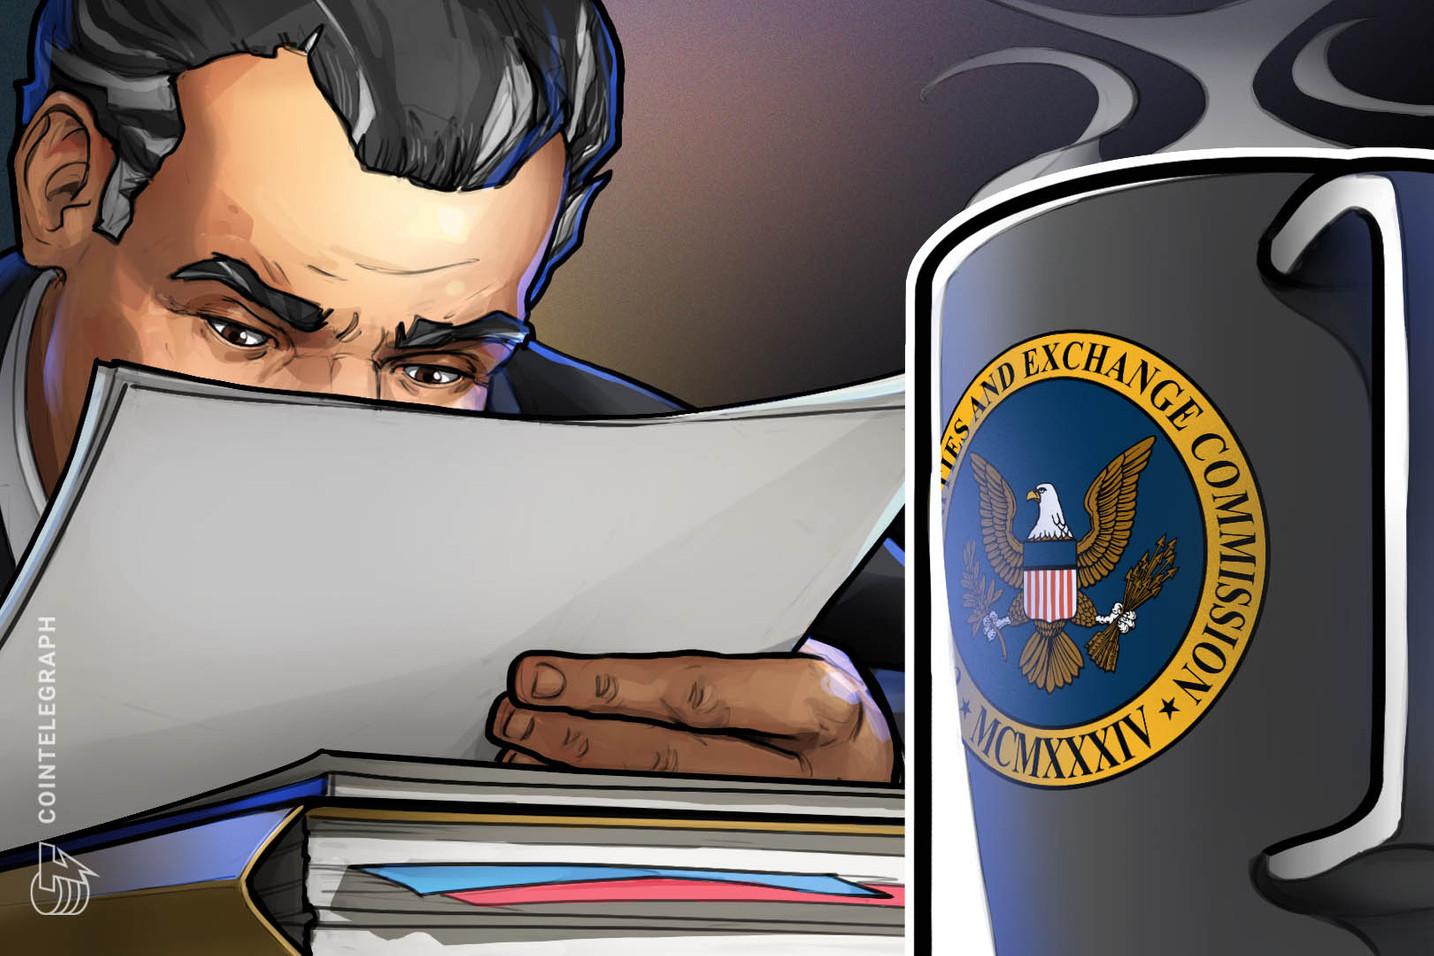 La SEC de EE.UU. lanza una nueva alerta a los inversores contra las estafas de inversión en criptomonedas